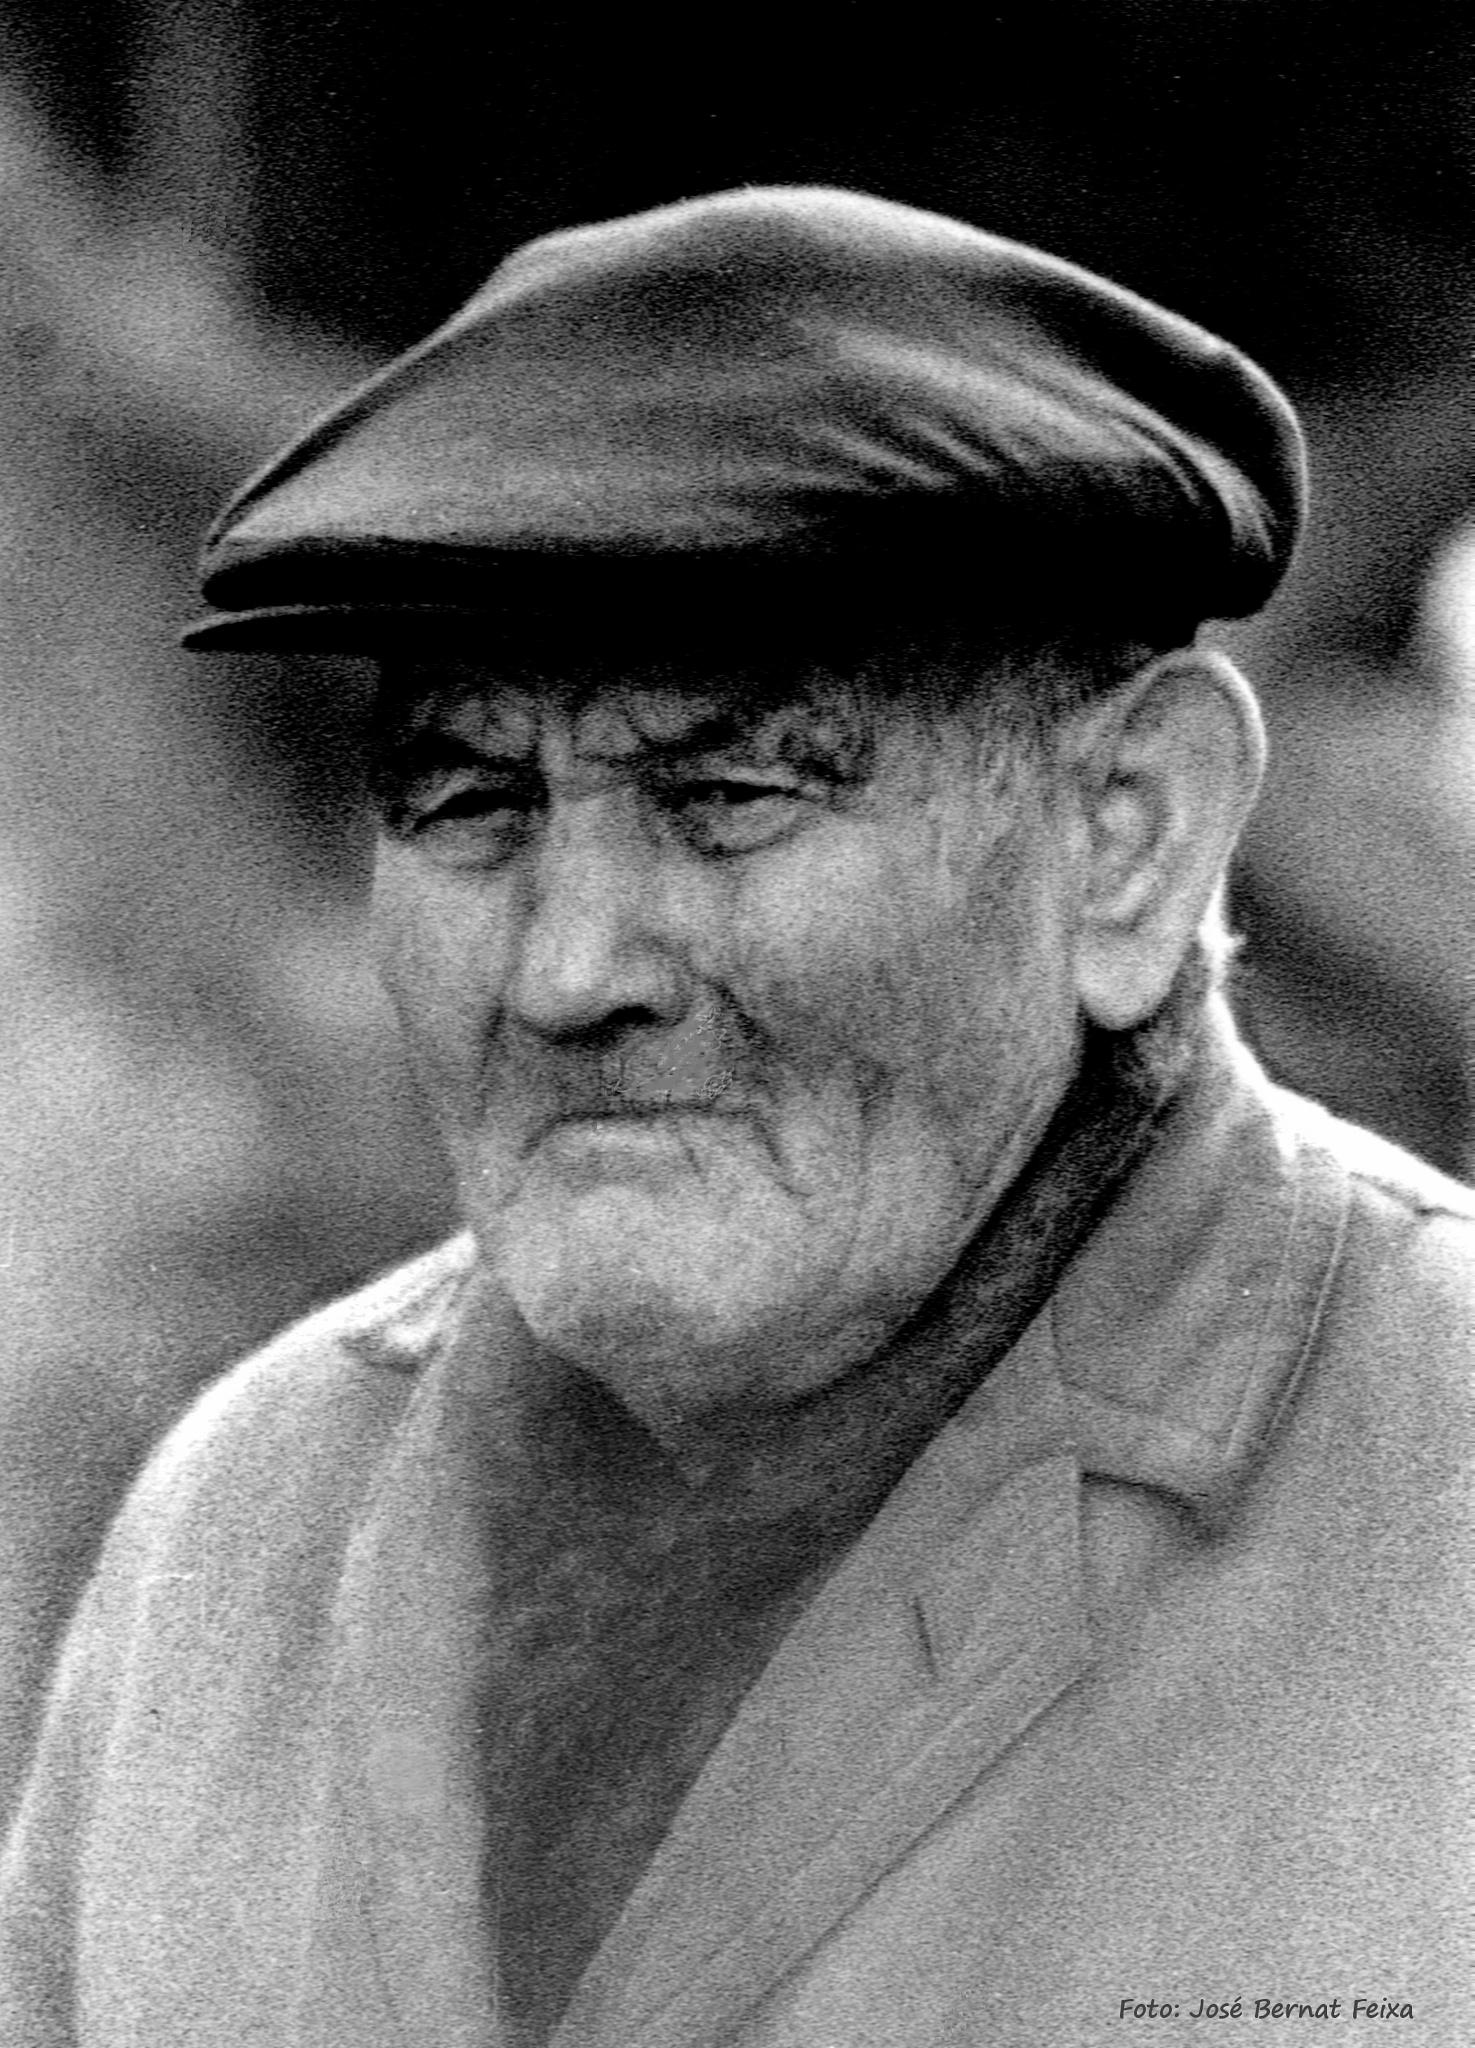 VIEJO, OUD, OLD (60's) by José Bernat Feixa